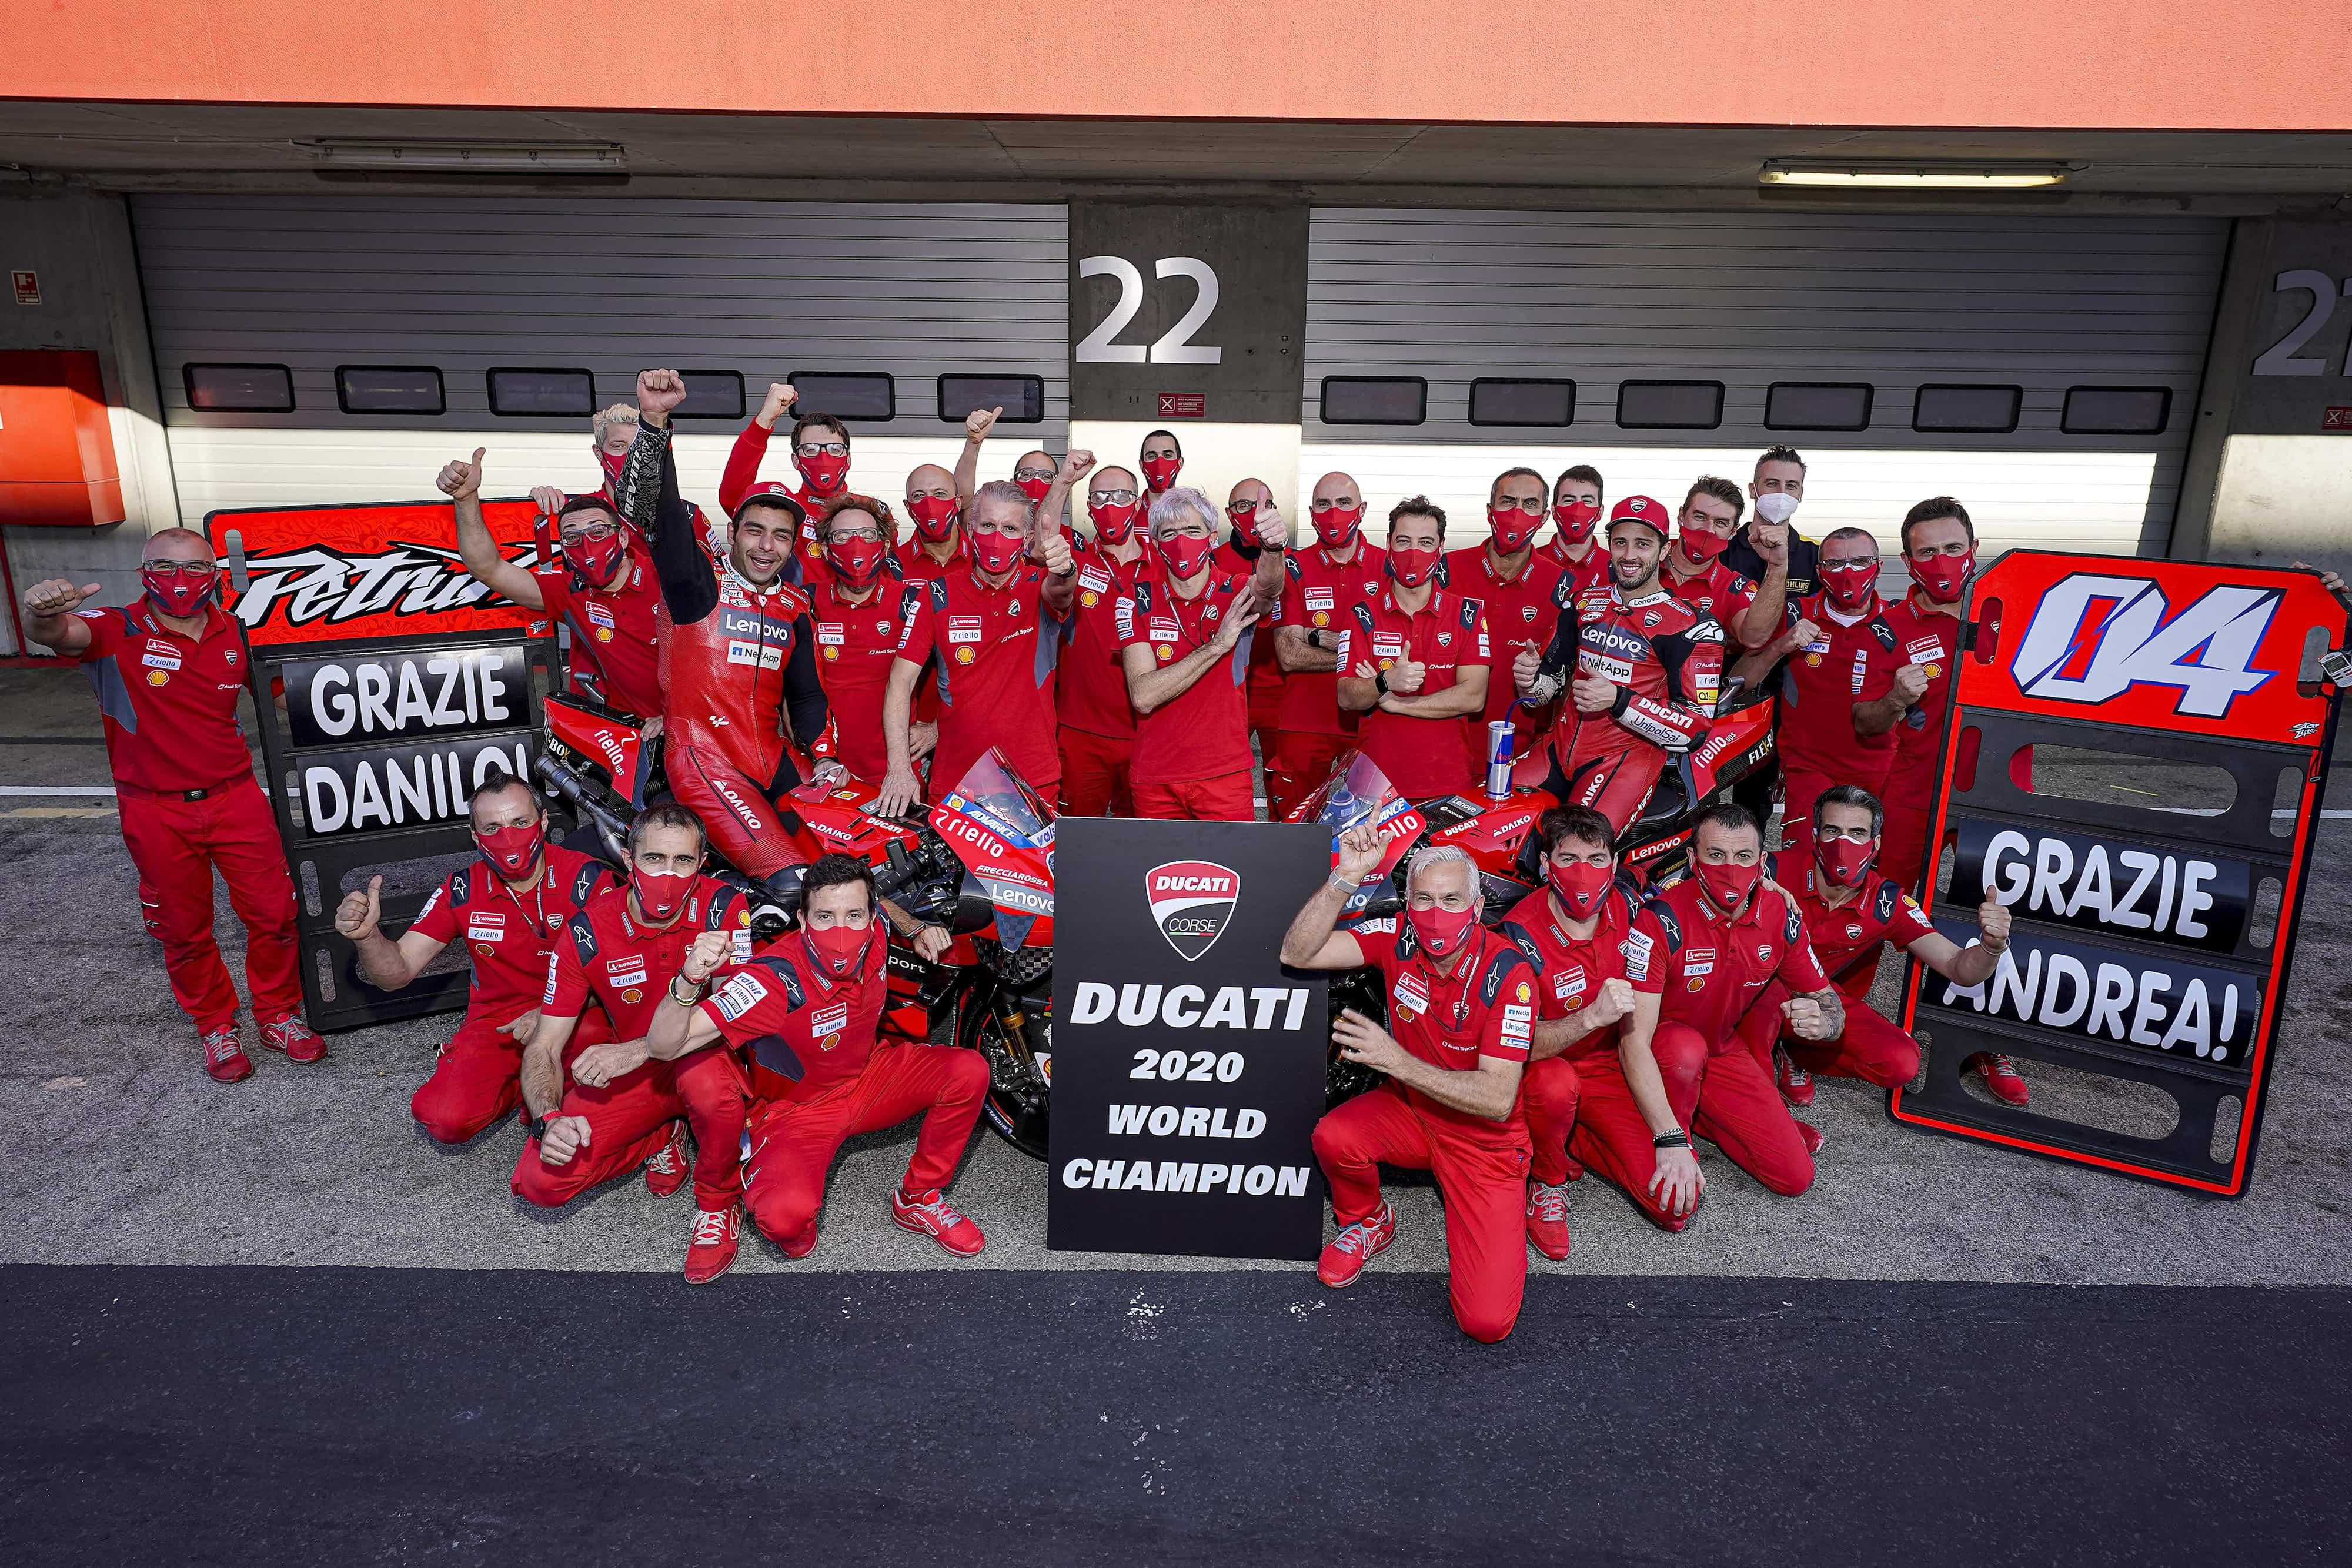 Ducati 最高峰クラス2度目となるコンストラクターズ・タイトルを獲得